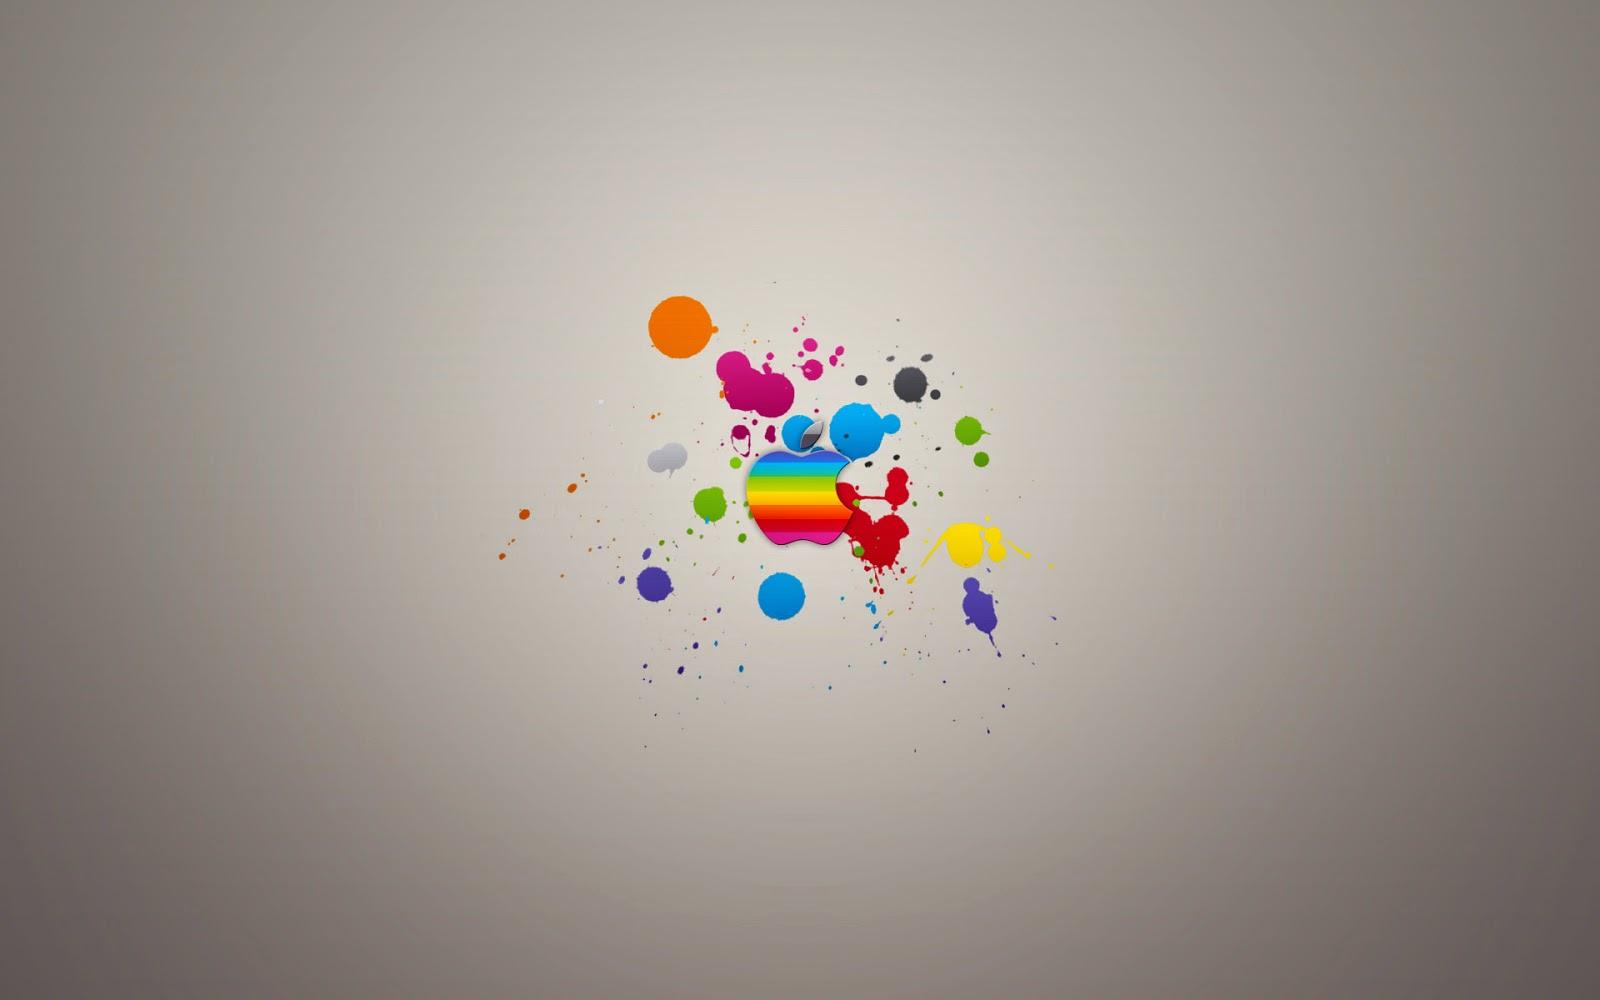 Desktop Wallpapers for Mac